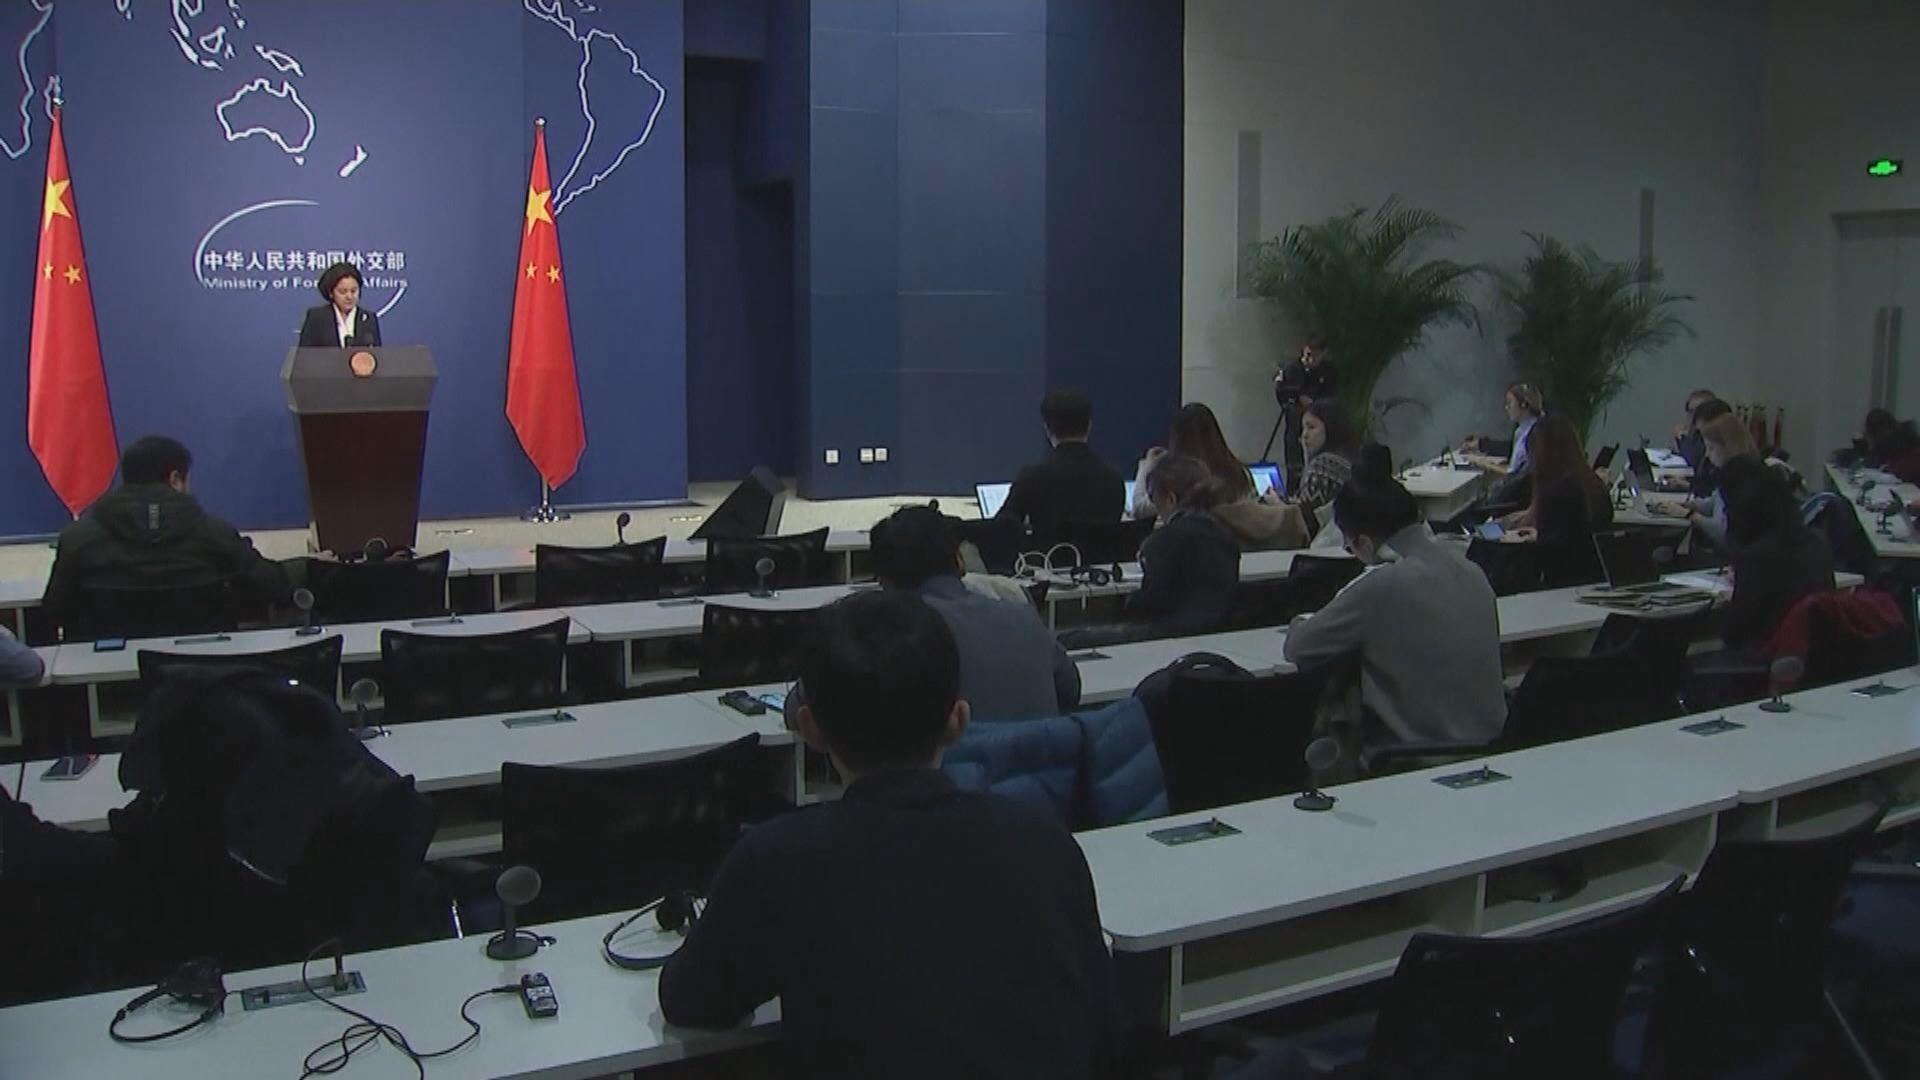 中國強烈譴責美眾議院通過涉疆法案